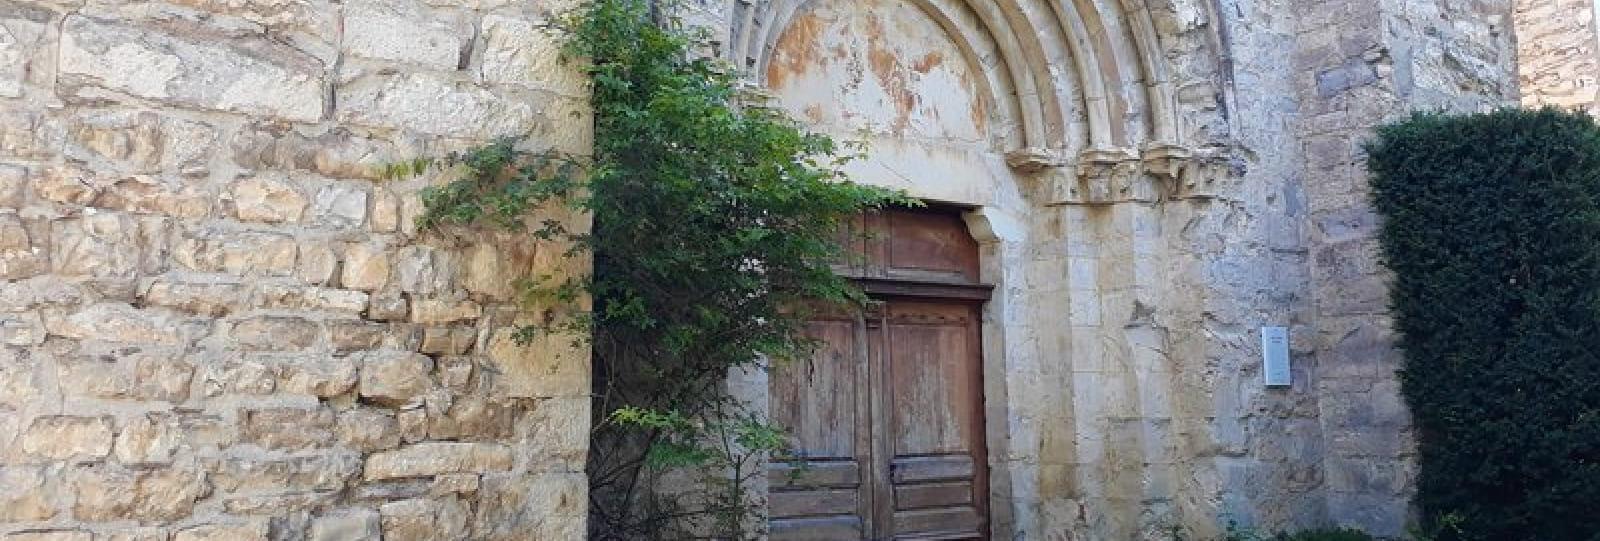 Eglise Notre Dame de Calma